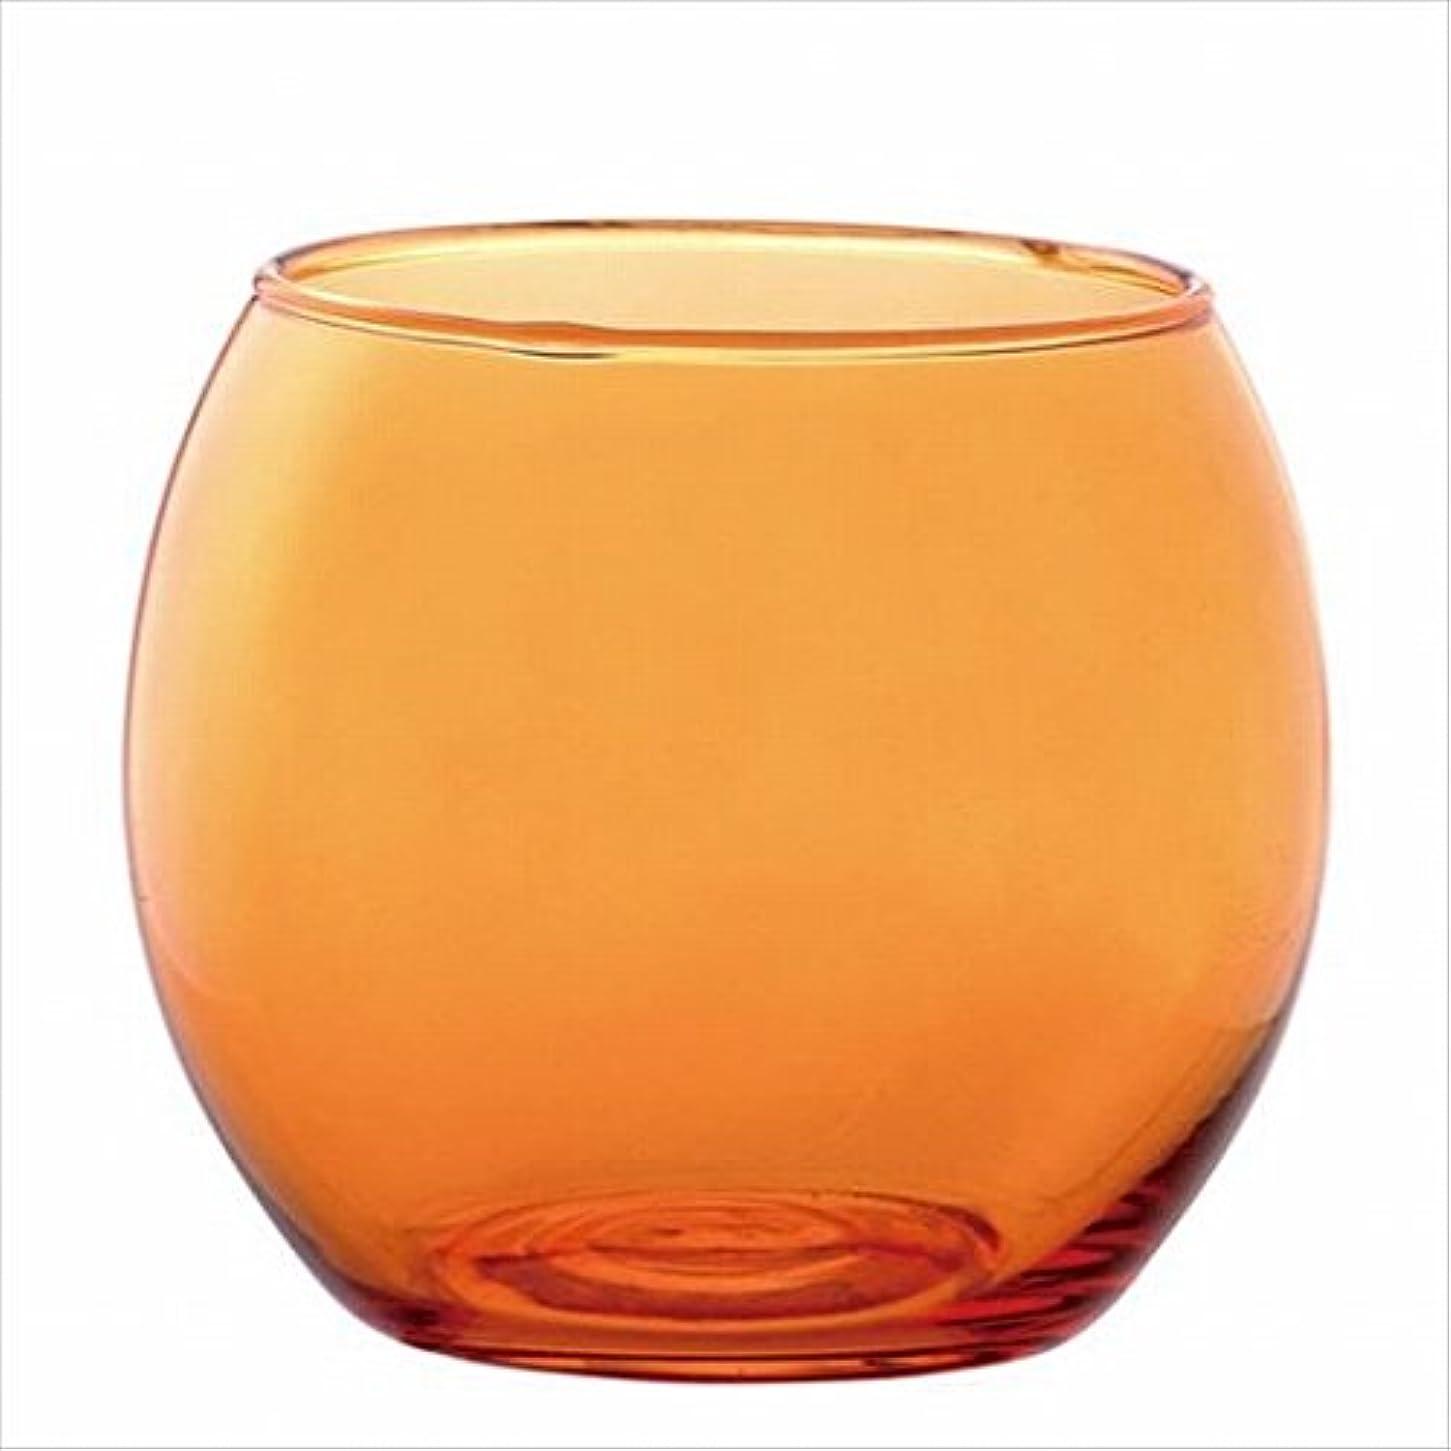 六ナチュラクラウドカメヤマキャンドル( kameyama candle ) スフィアキャンドルホルダー 「 オレンジ 」